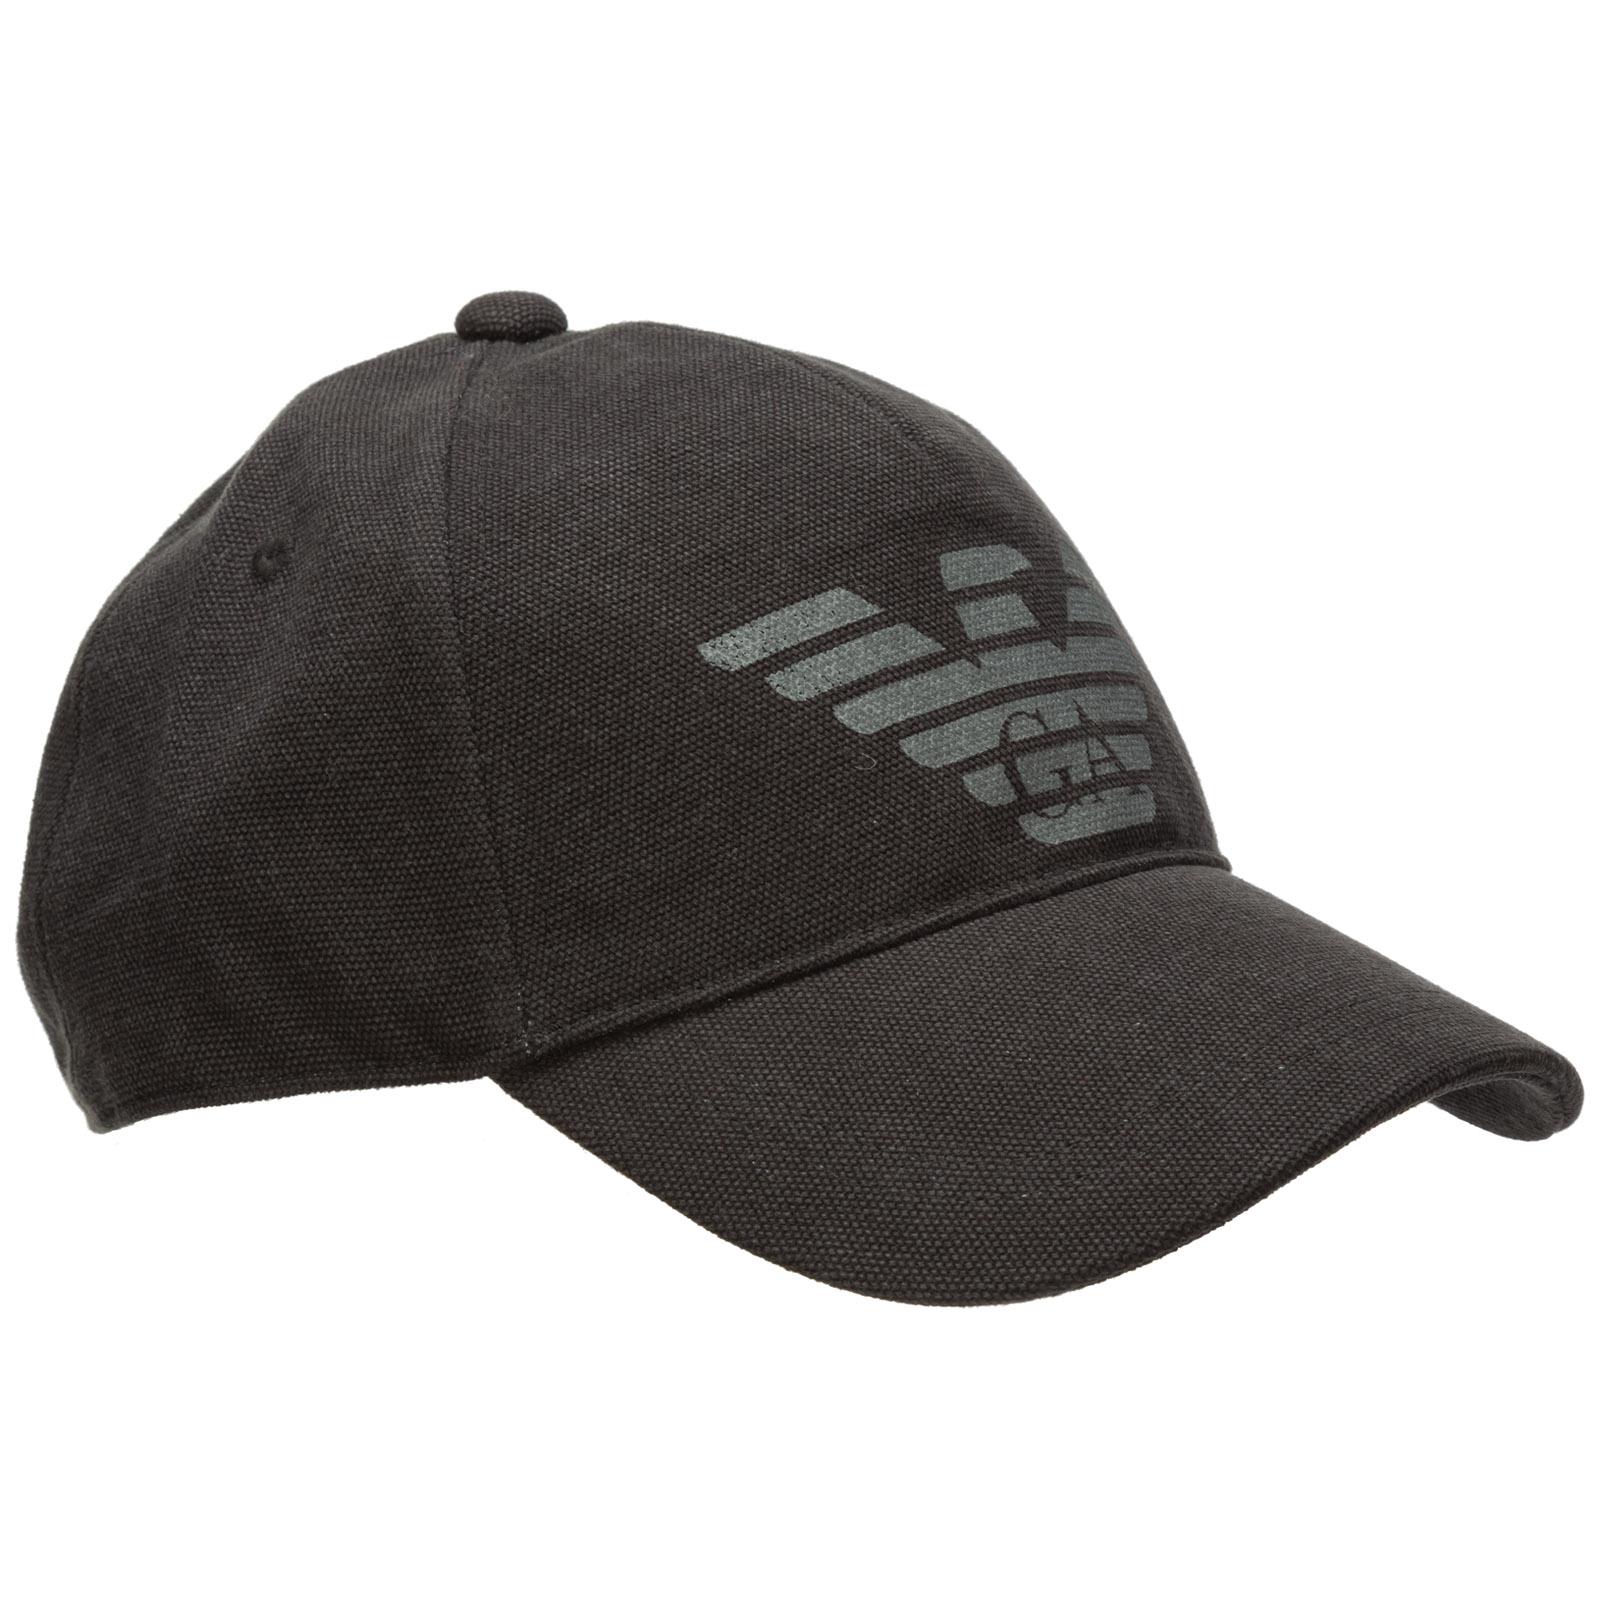 48ccd427102a6 Baseball cap Emporio Armani 627252CC55800020 black